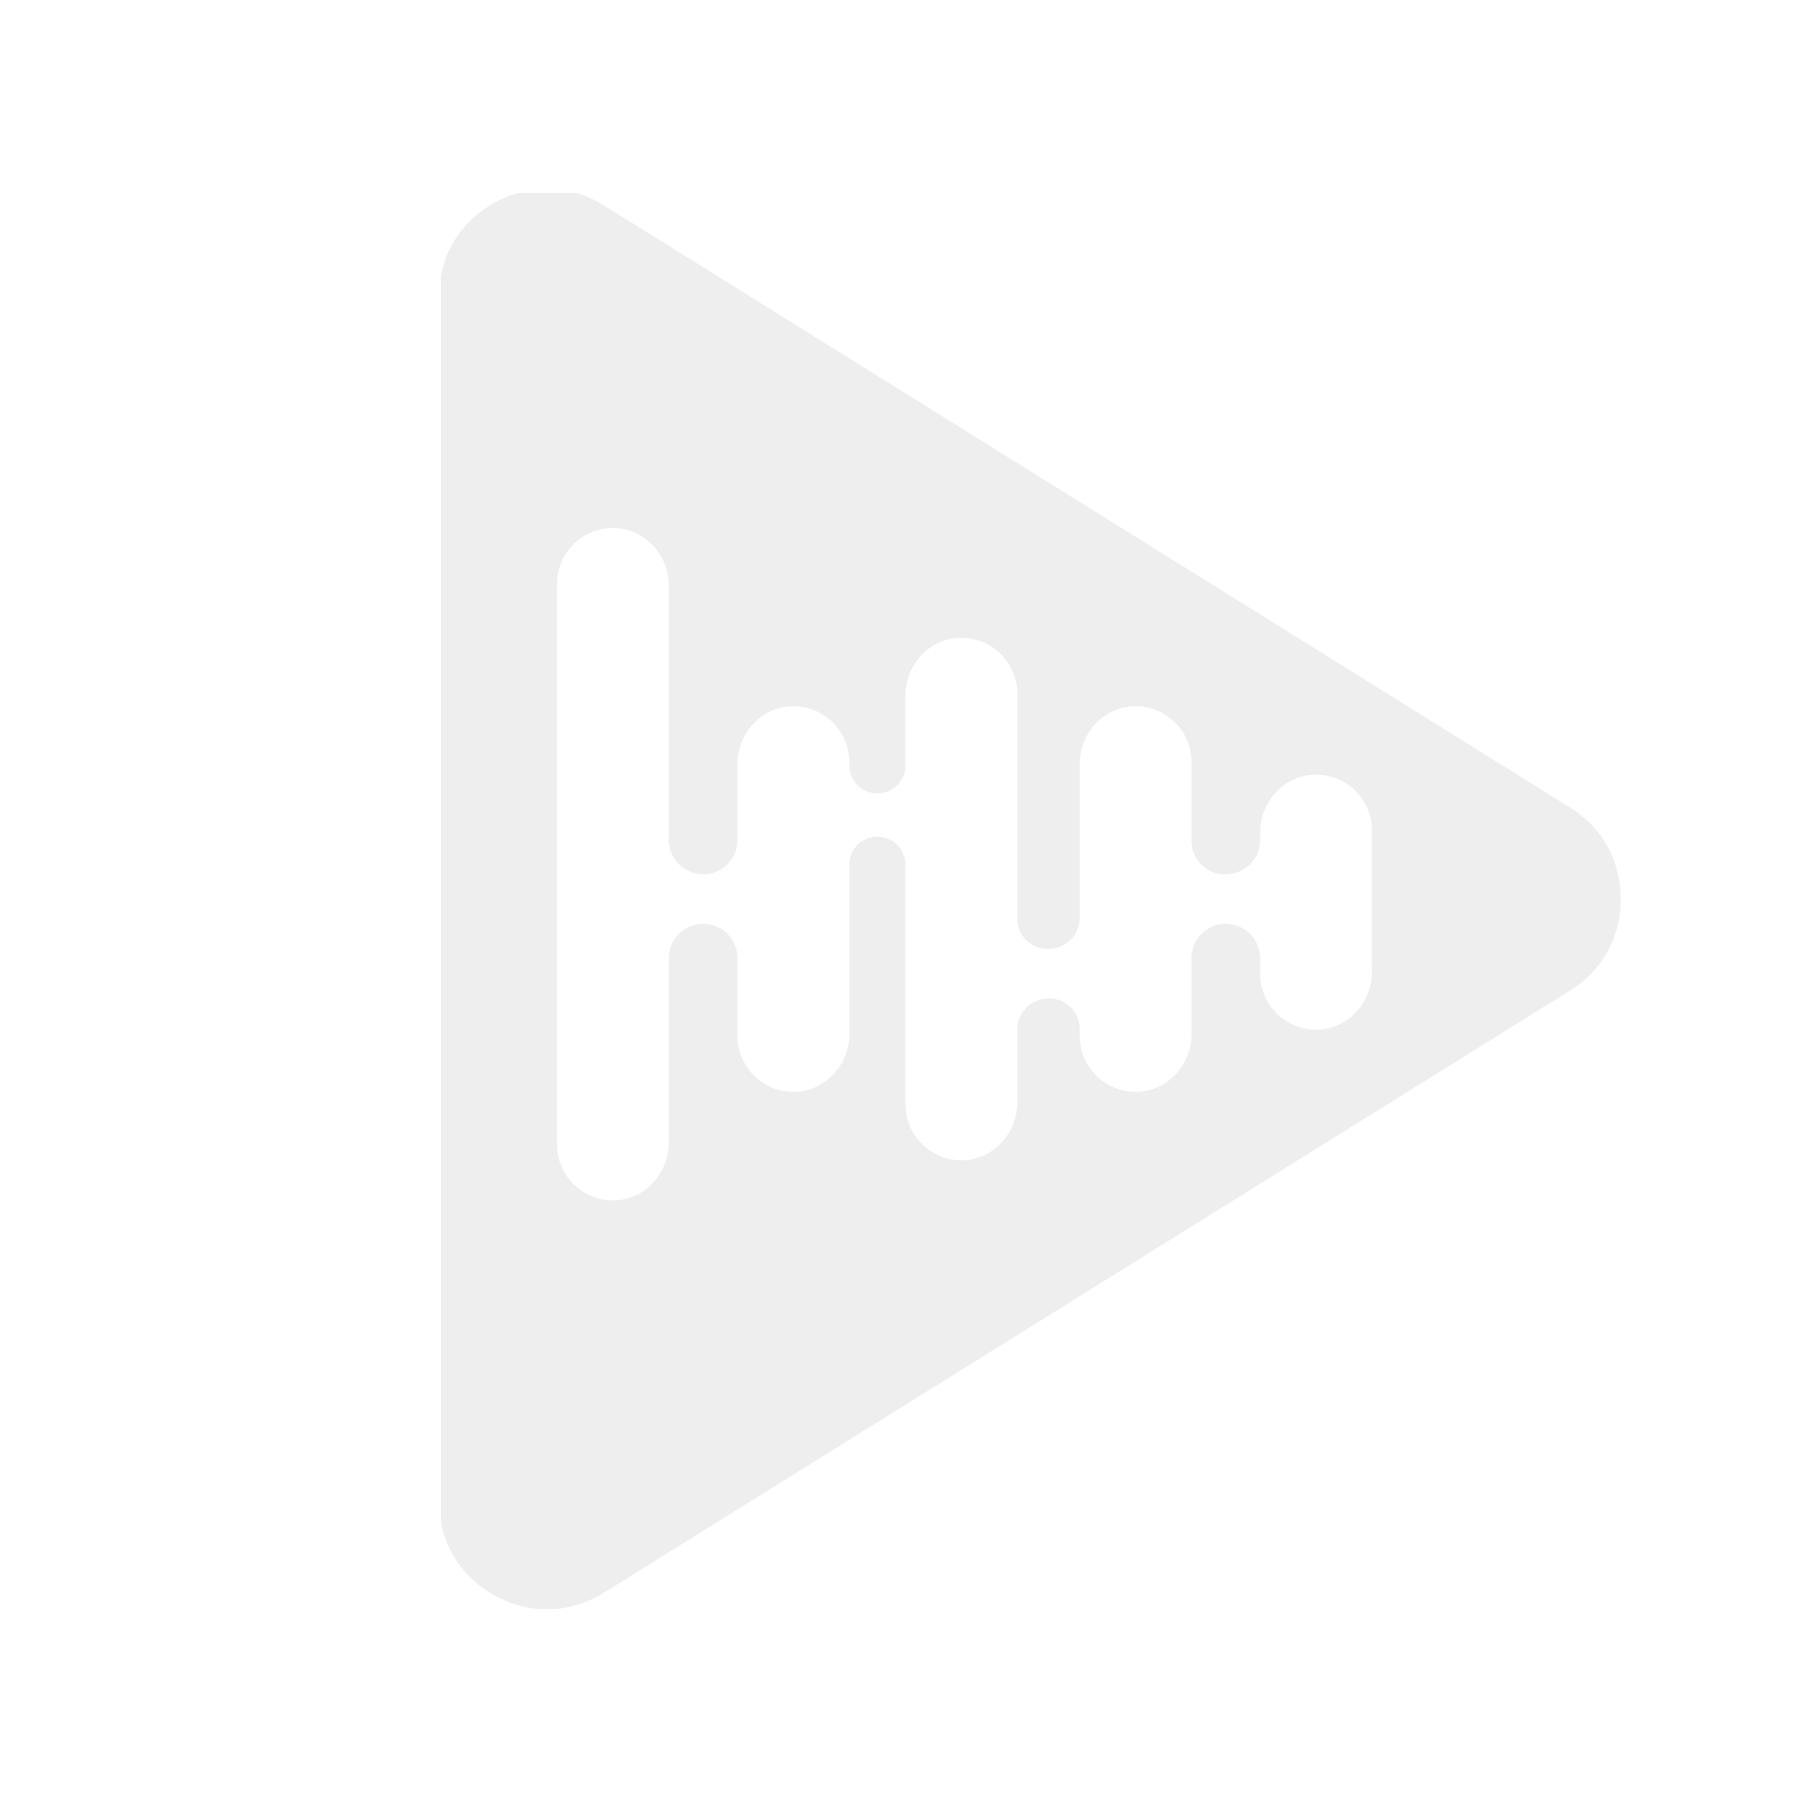 Canton DM 90.3 - Aktivt lydsystem med Bluetooth, apt-X (Sort)